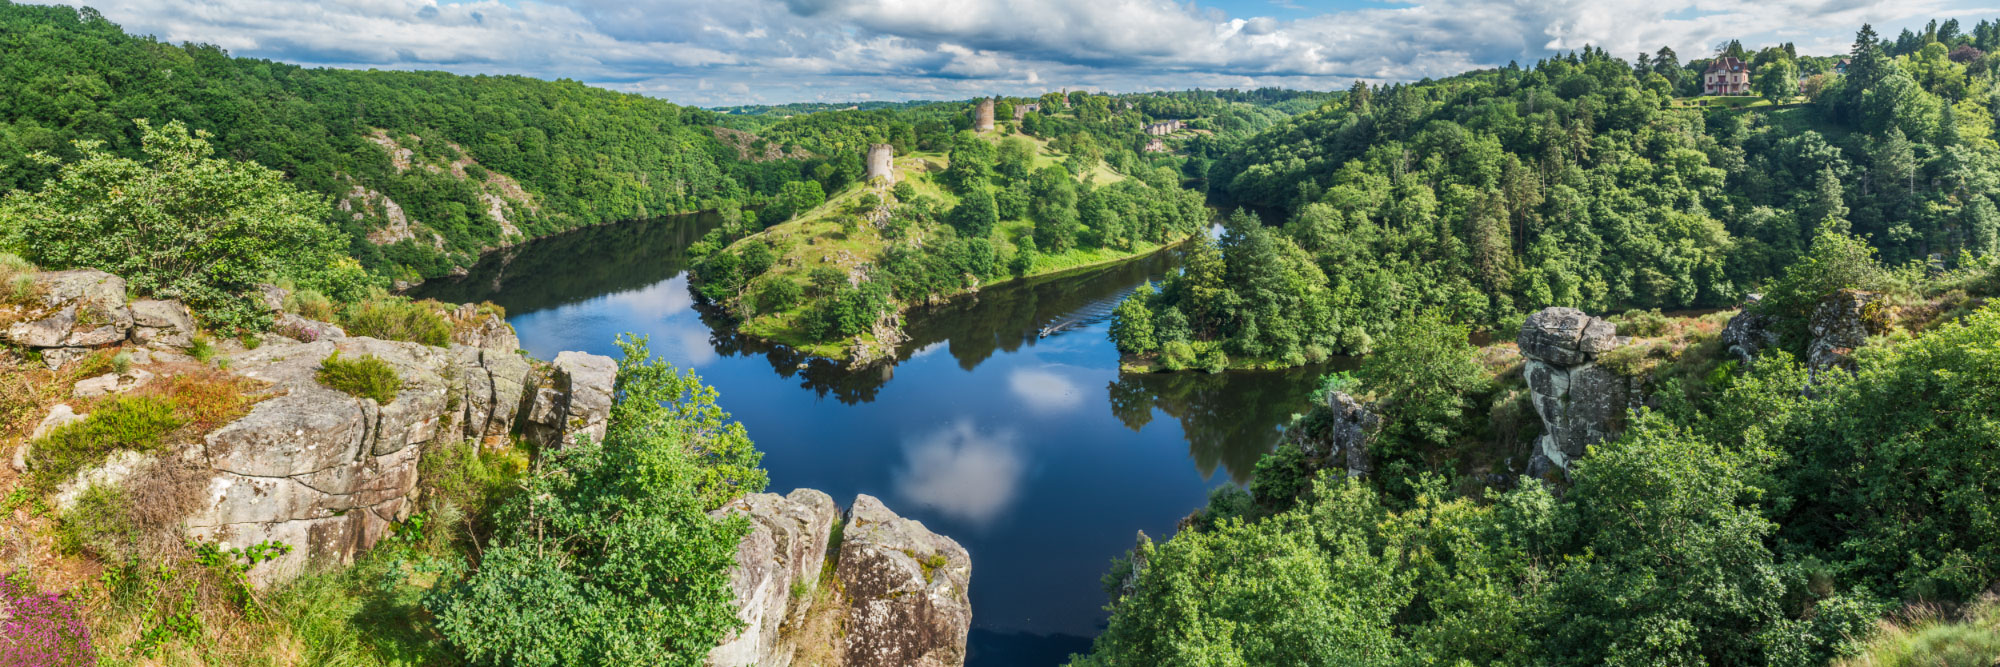 Rocher de la Fileuse, vue sur le confluent de la Creuse et de la Sédelle et sur la forteresse de Crozant